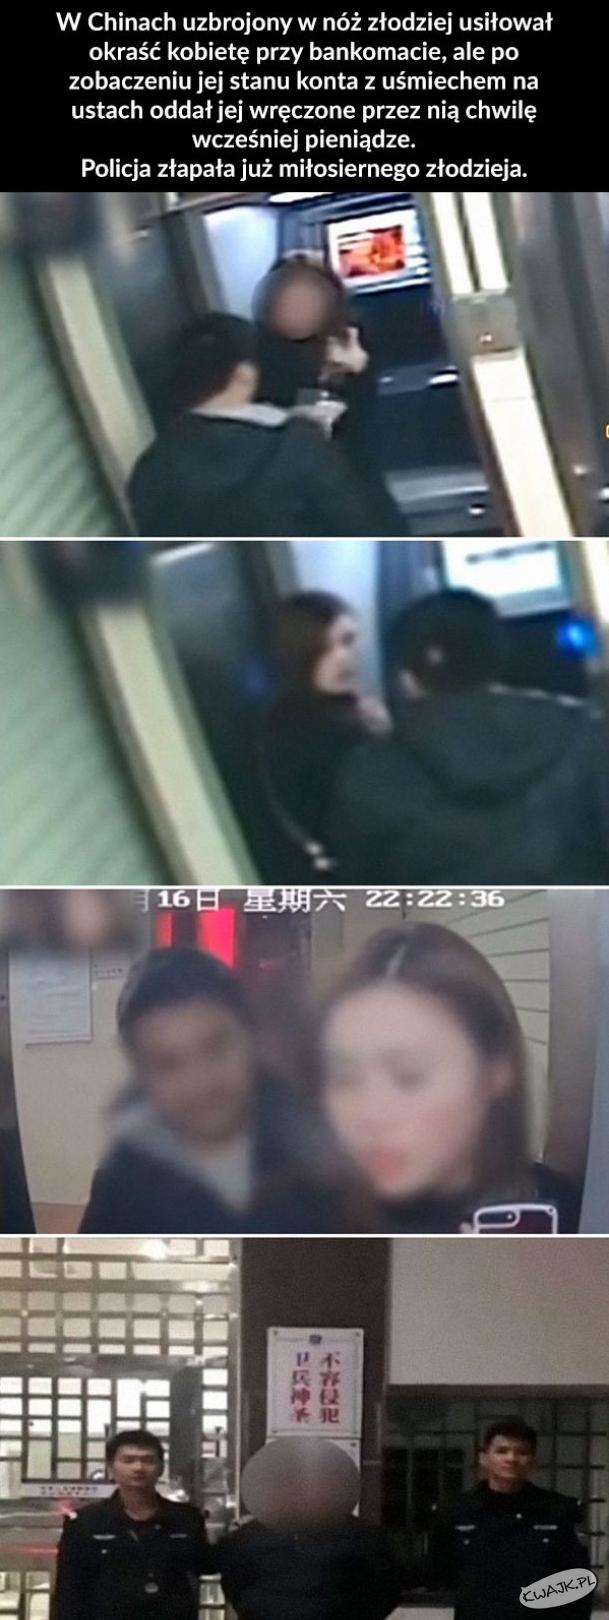 Napadł na kobietę przy bankomacie, ale kiedy zobaczył jej stan konta...